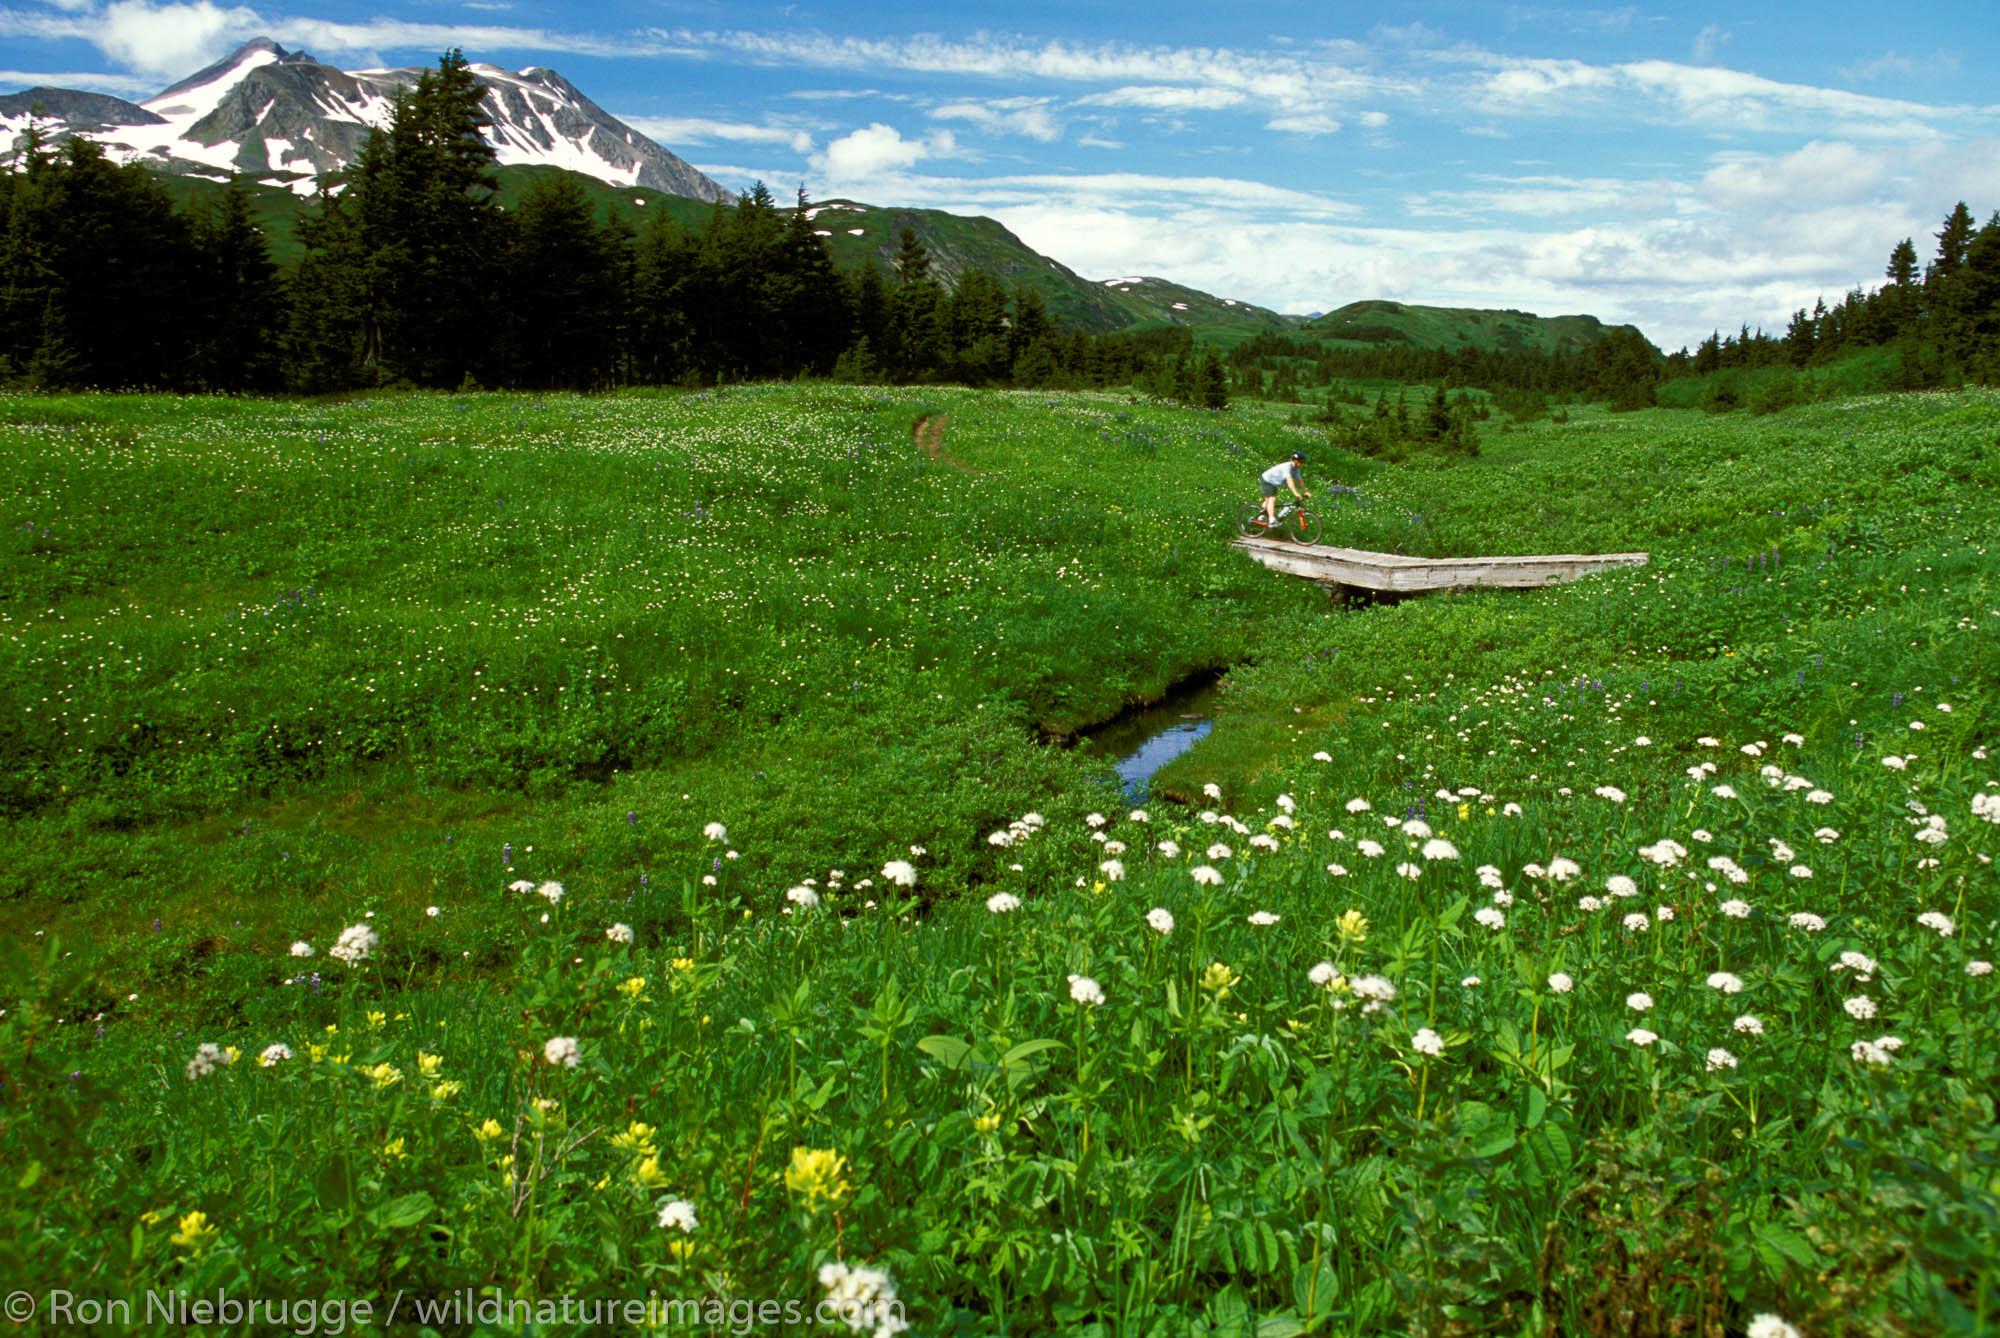 Mountain biking on the Lost Lake Trail, Chugach National Forest, near Seward, Alaska.